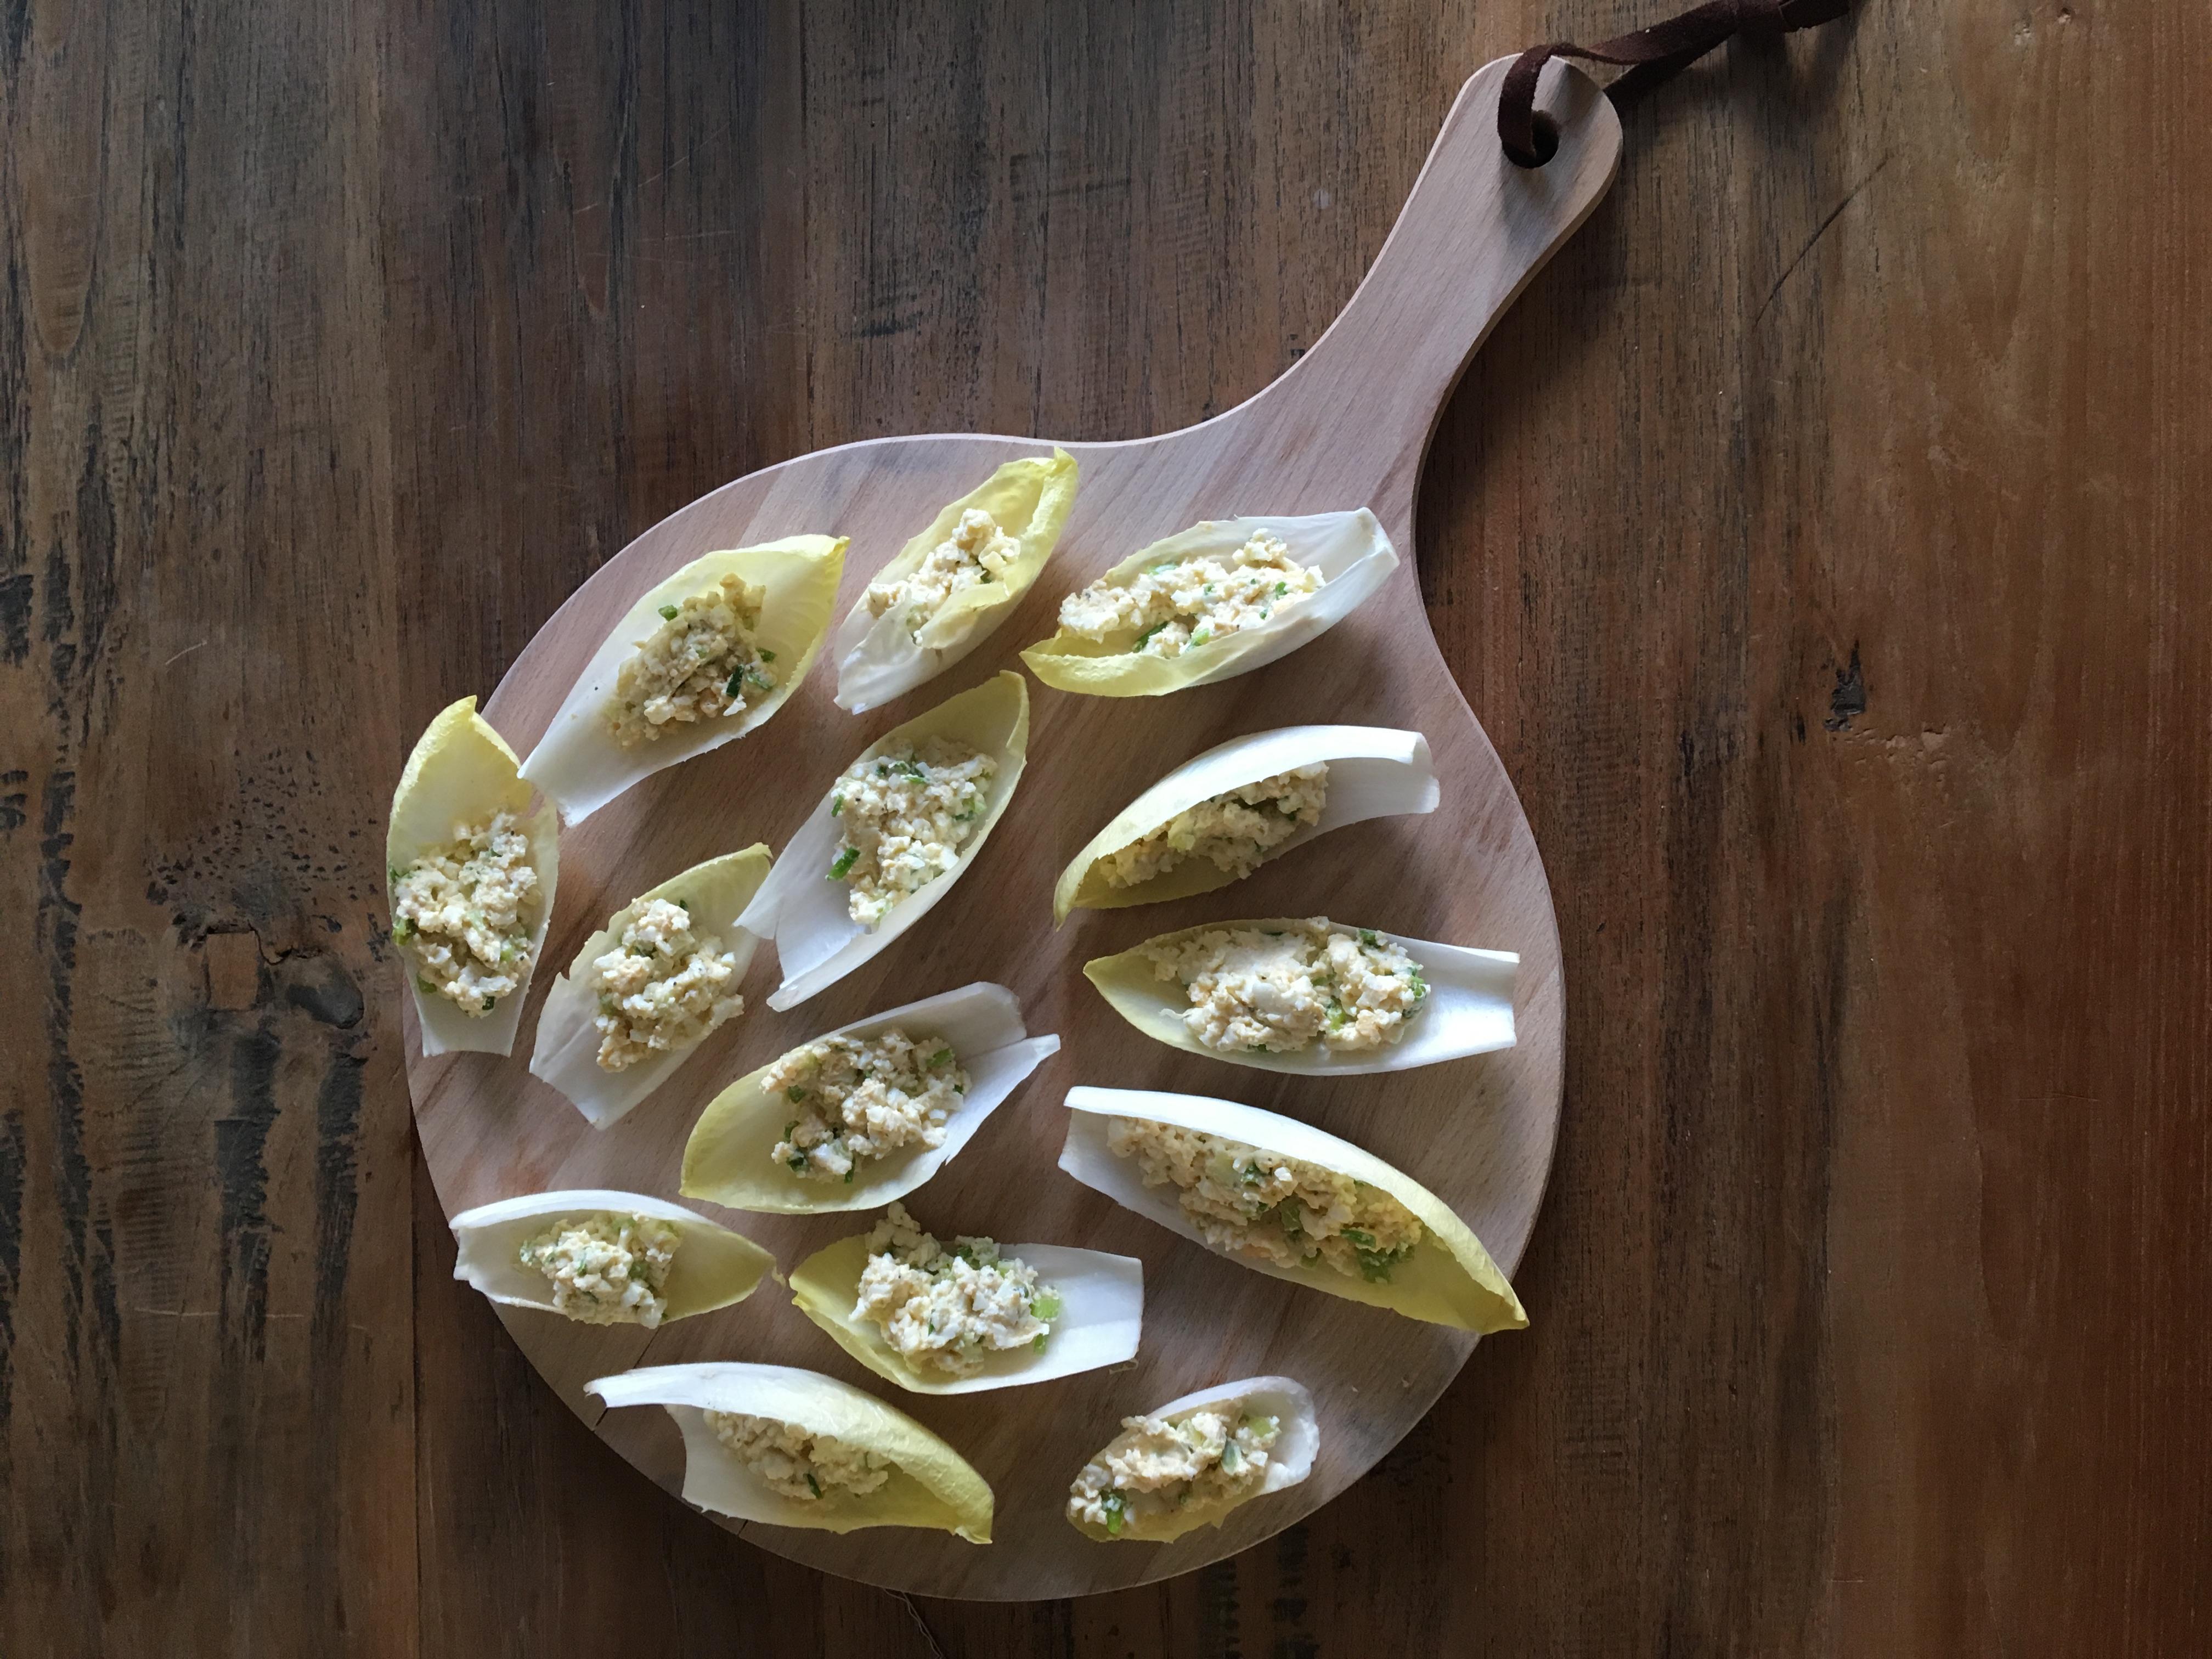 Witlofblaadjes met zelfgemaakte eiersalade